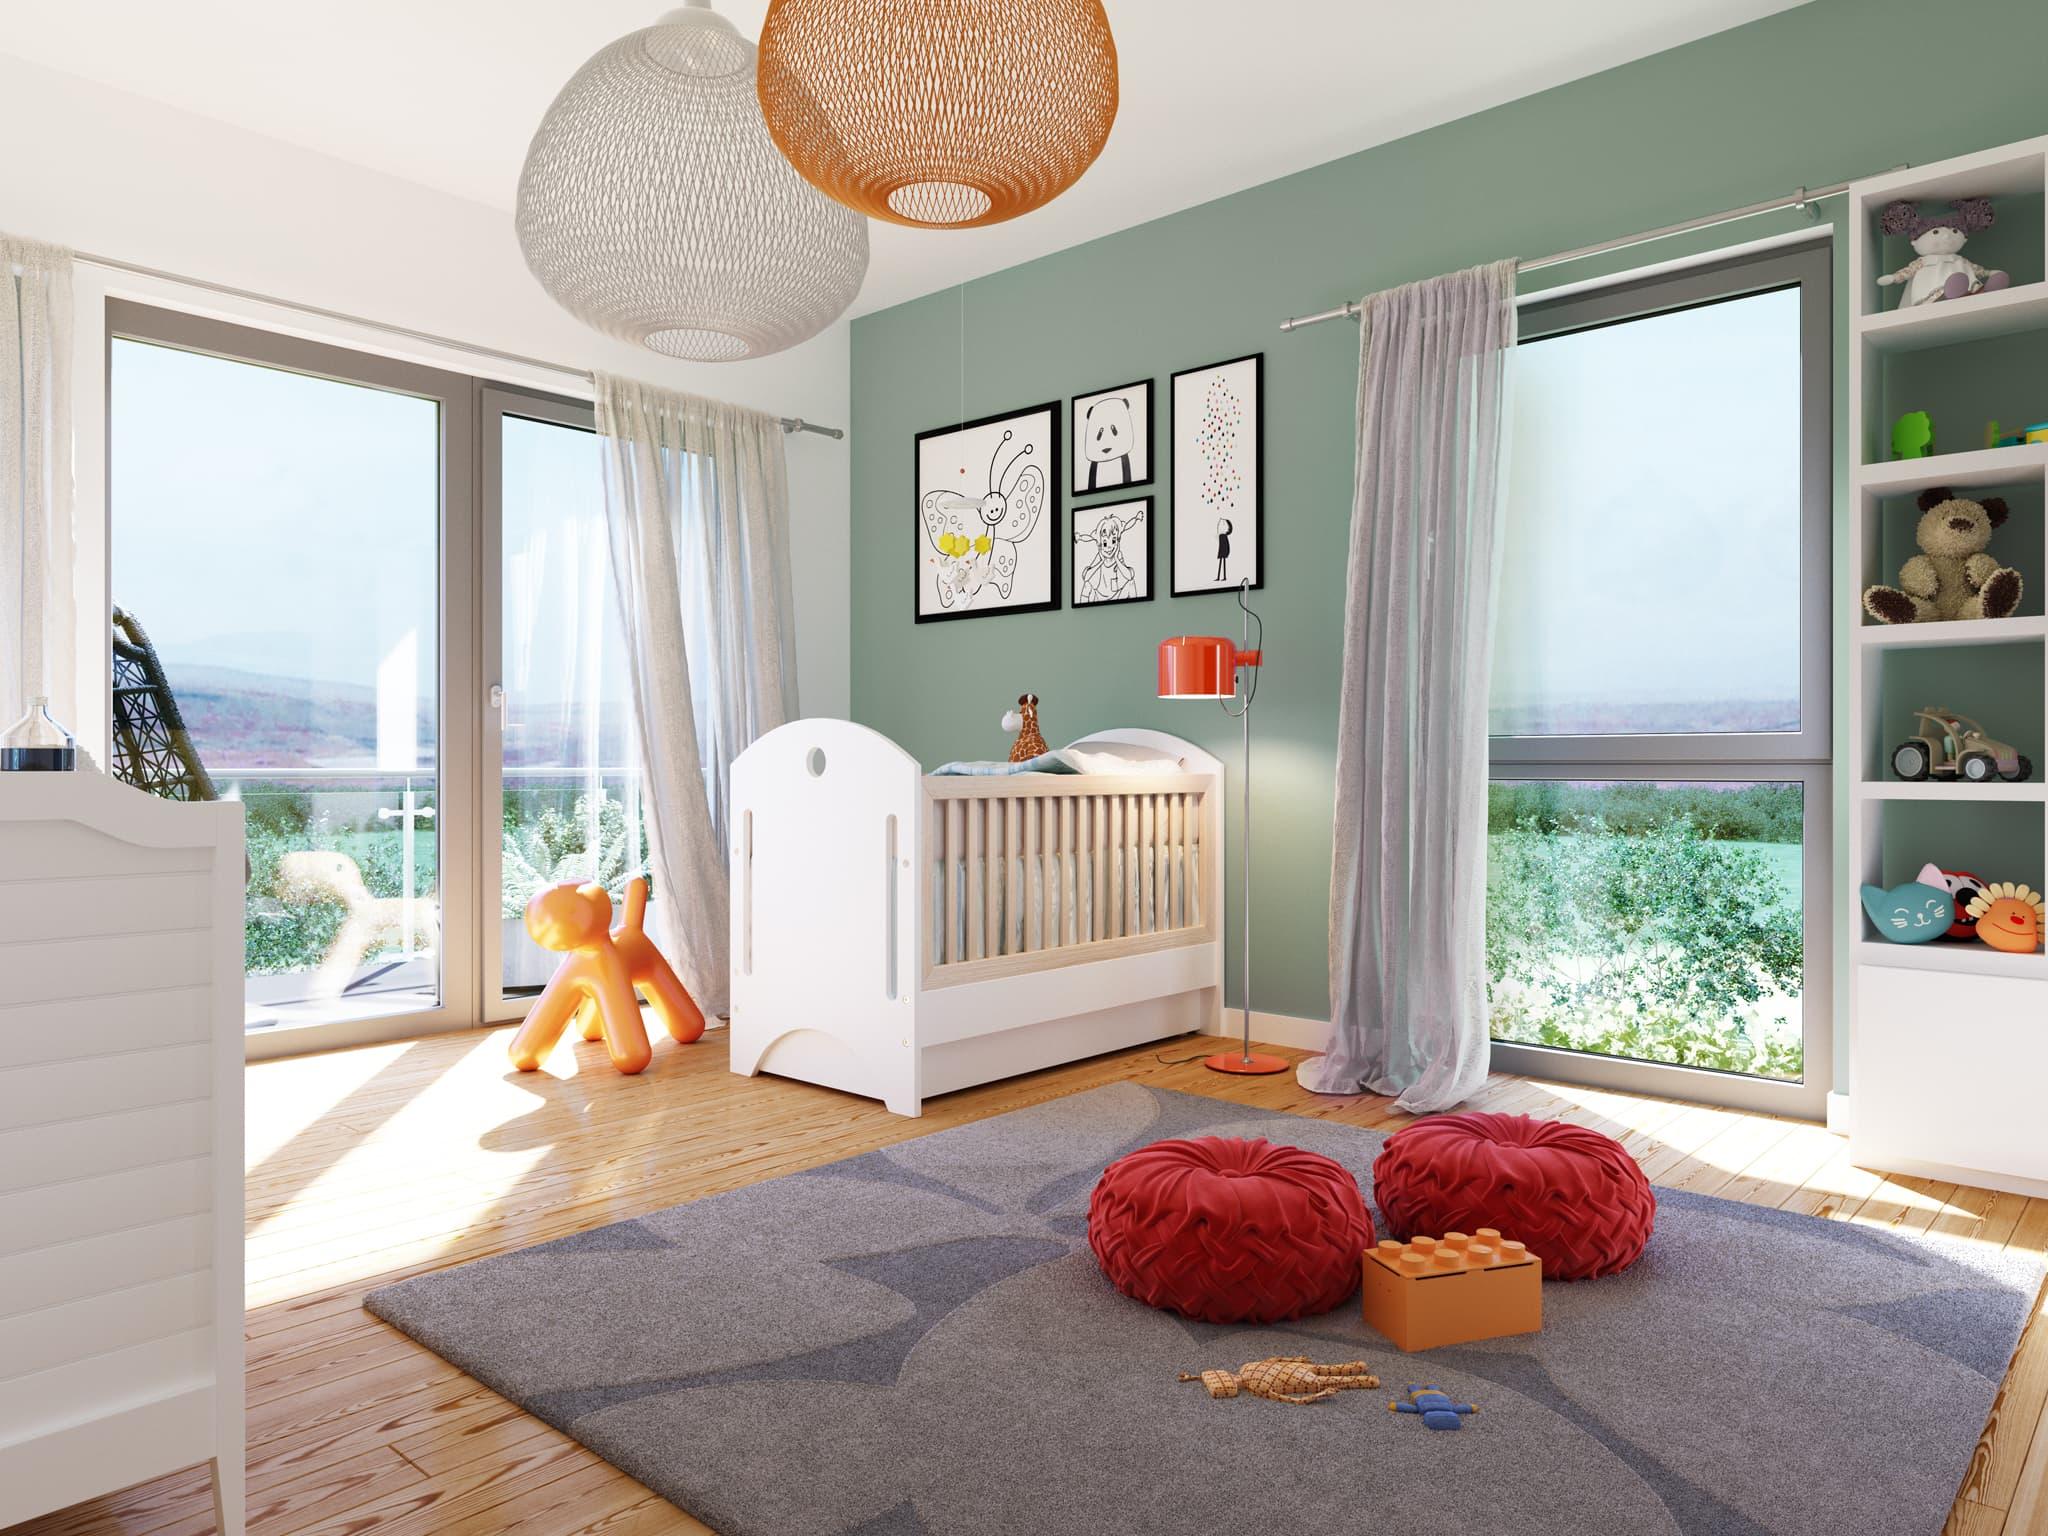 Kinderzimmer Ideen - Stadtvilla Inneneinrichtung Fertighaus SUNSHINE 165 V6 von Living Haus - HausbauDirekt.de